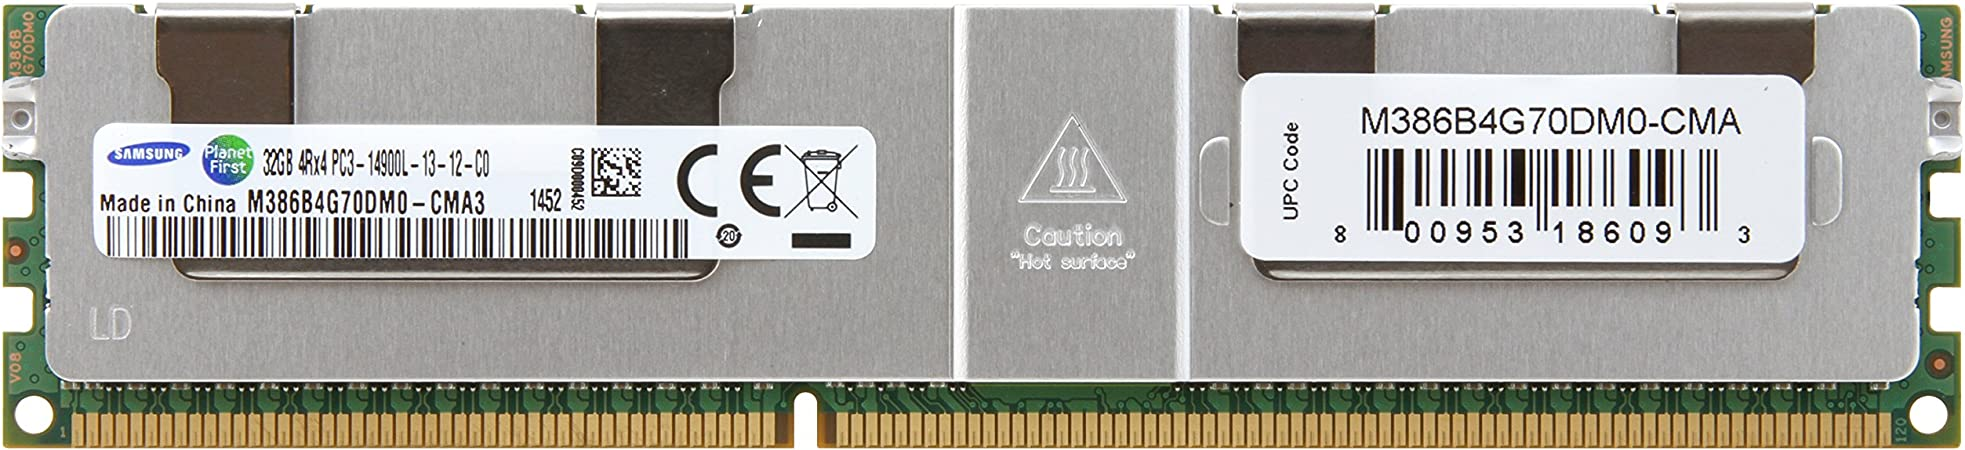 M386B4G70DM0-CMA3 32GB PC3-14900L 1866MHz LRDIMM SERVER MEMORY